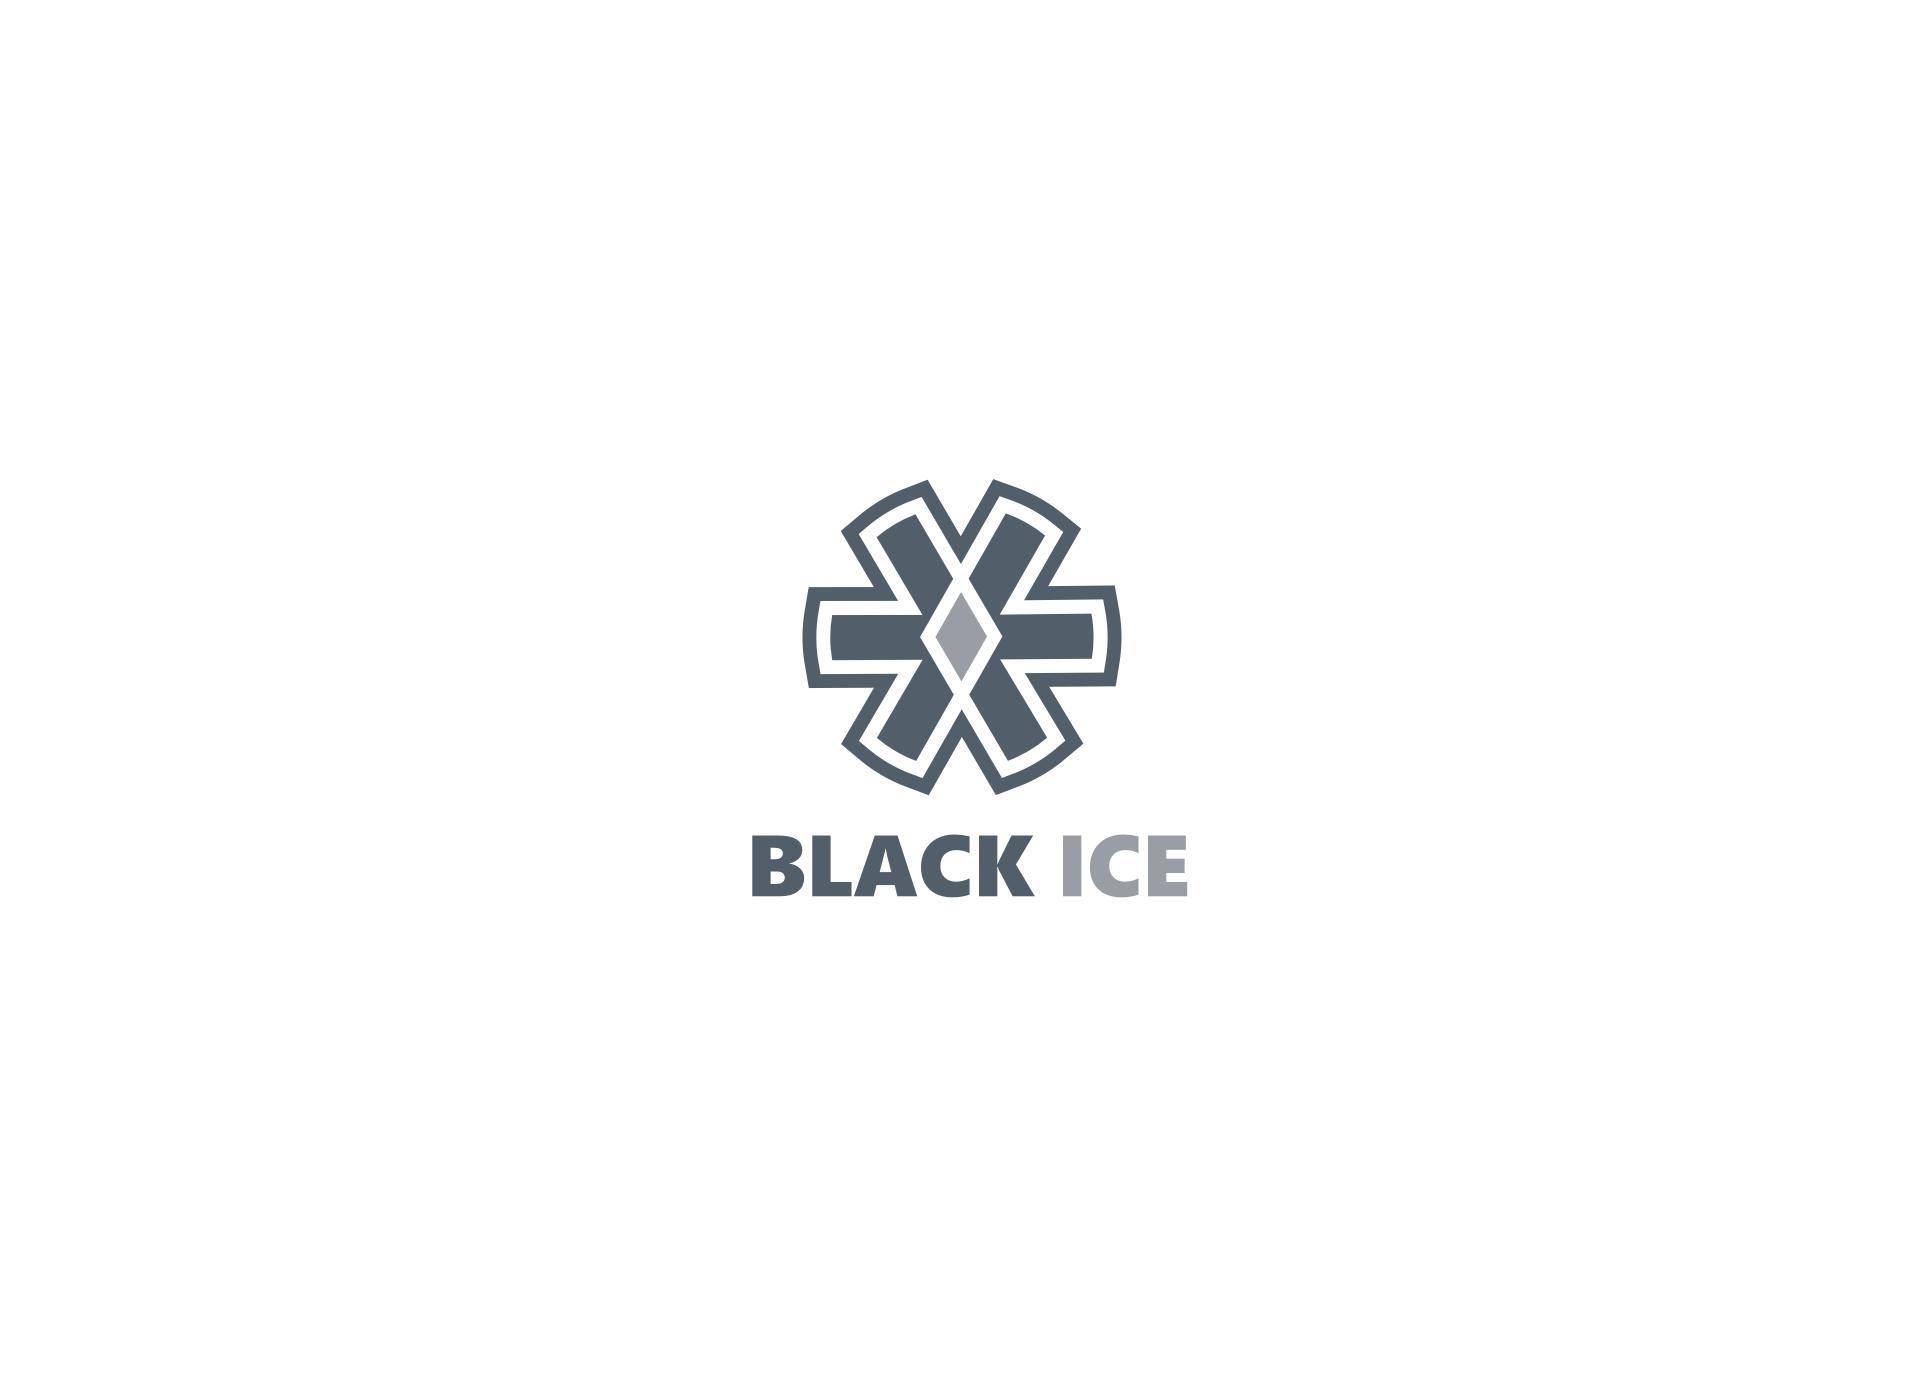 """Логотип + Фирменный стиль для компании """"BLACK ICE"""" фото f_60157148f5db7cff.png"""